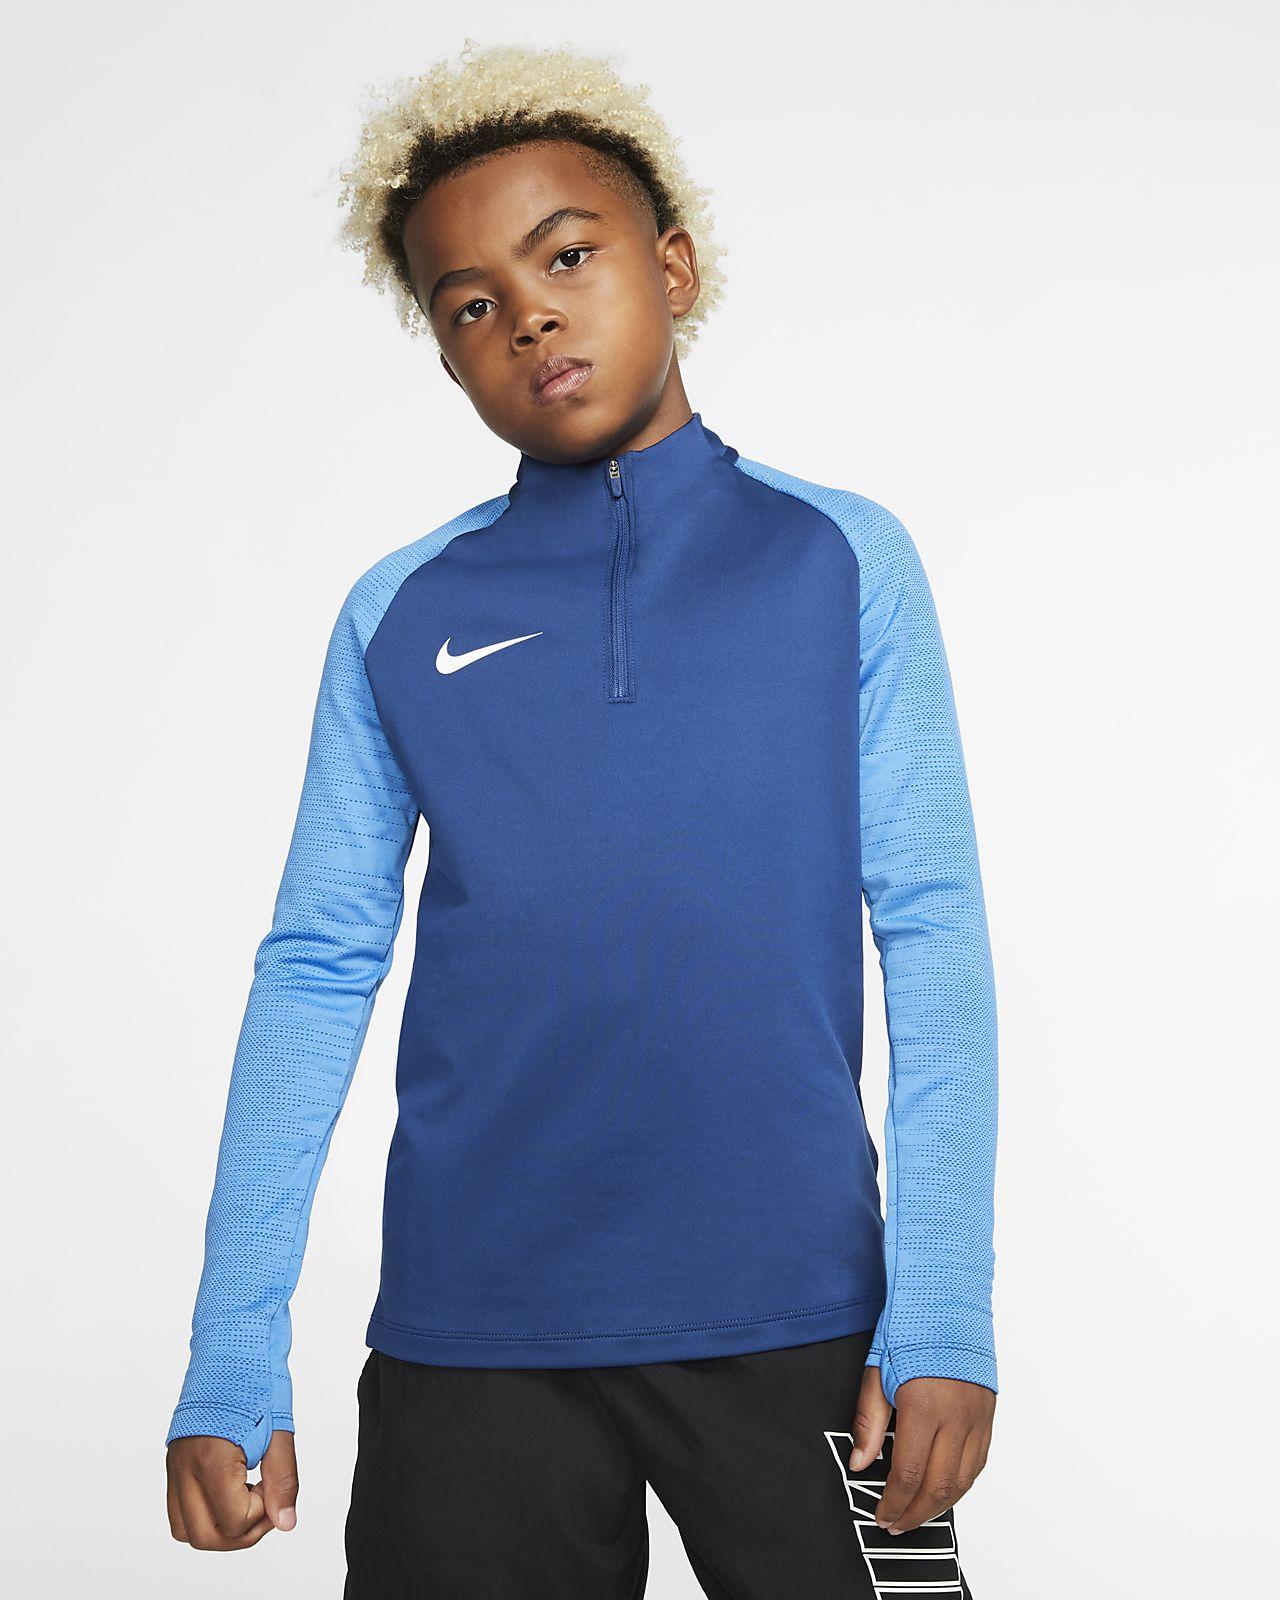 Maglia da calcio per allenamento Nike Dri-FIT Strike - Ragazzi